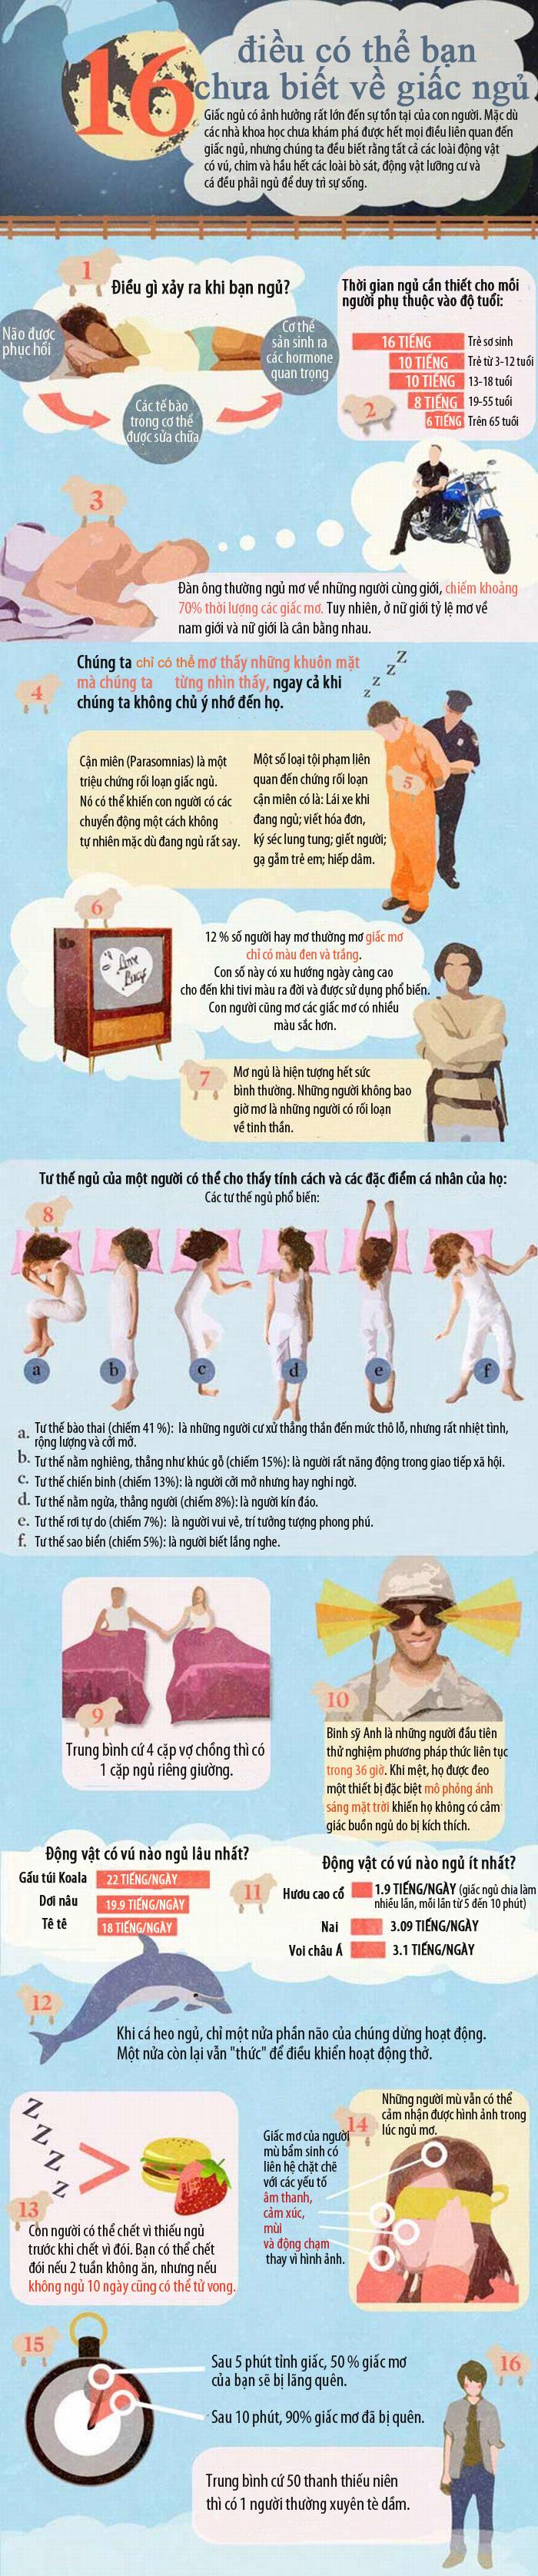 Những điều thú vị về giấc ngủ bạn chưa biết